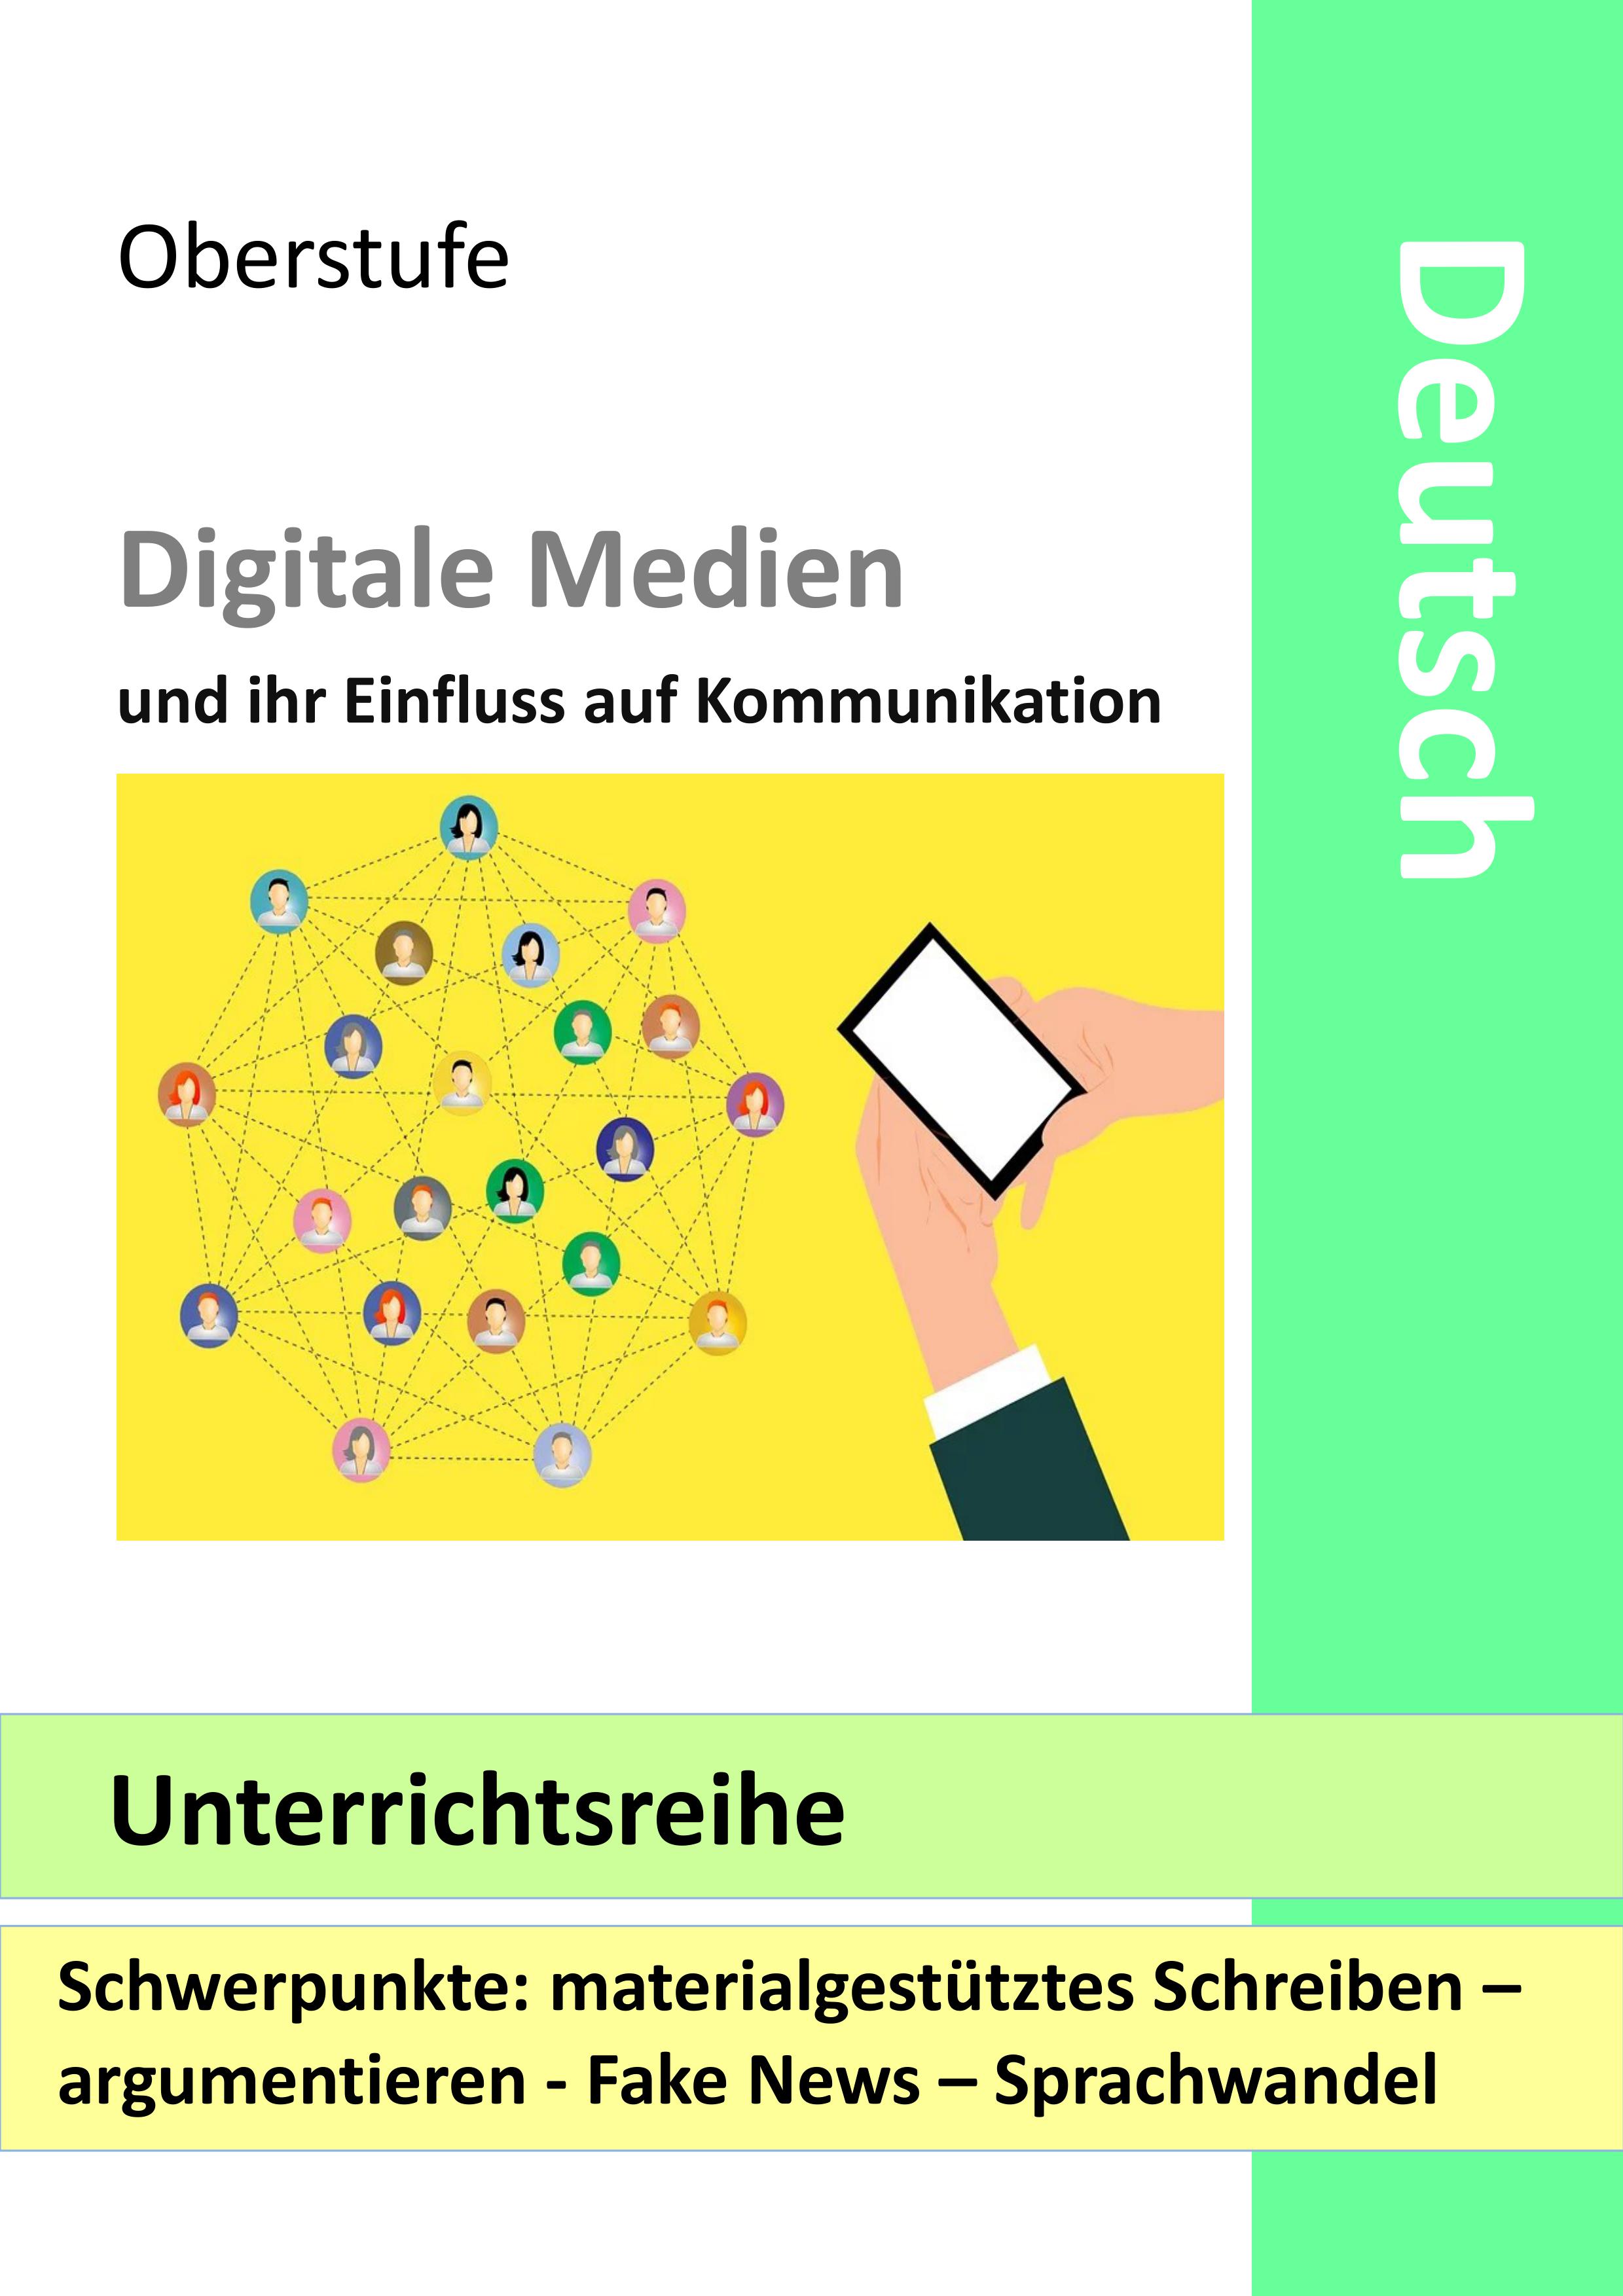 Digitale Medien Und Ihr Einfluss Auf Kommunikation Unterrichtsreihe Unterrichtsmaterial Im Fach Deutsch Kommunikation Digitale Medien Medien